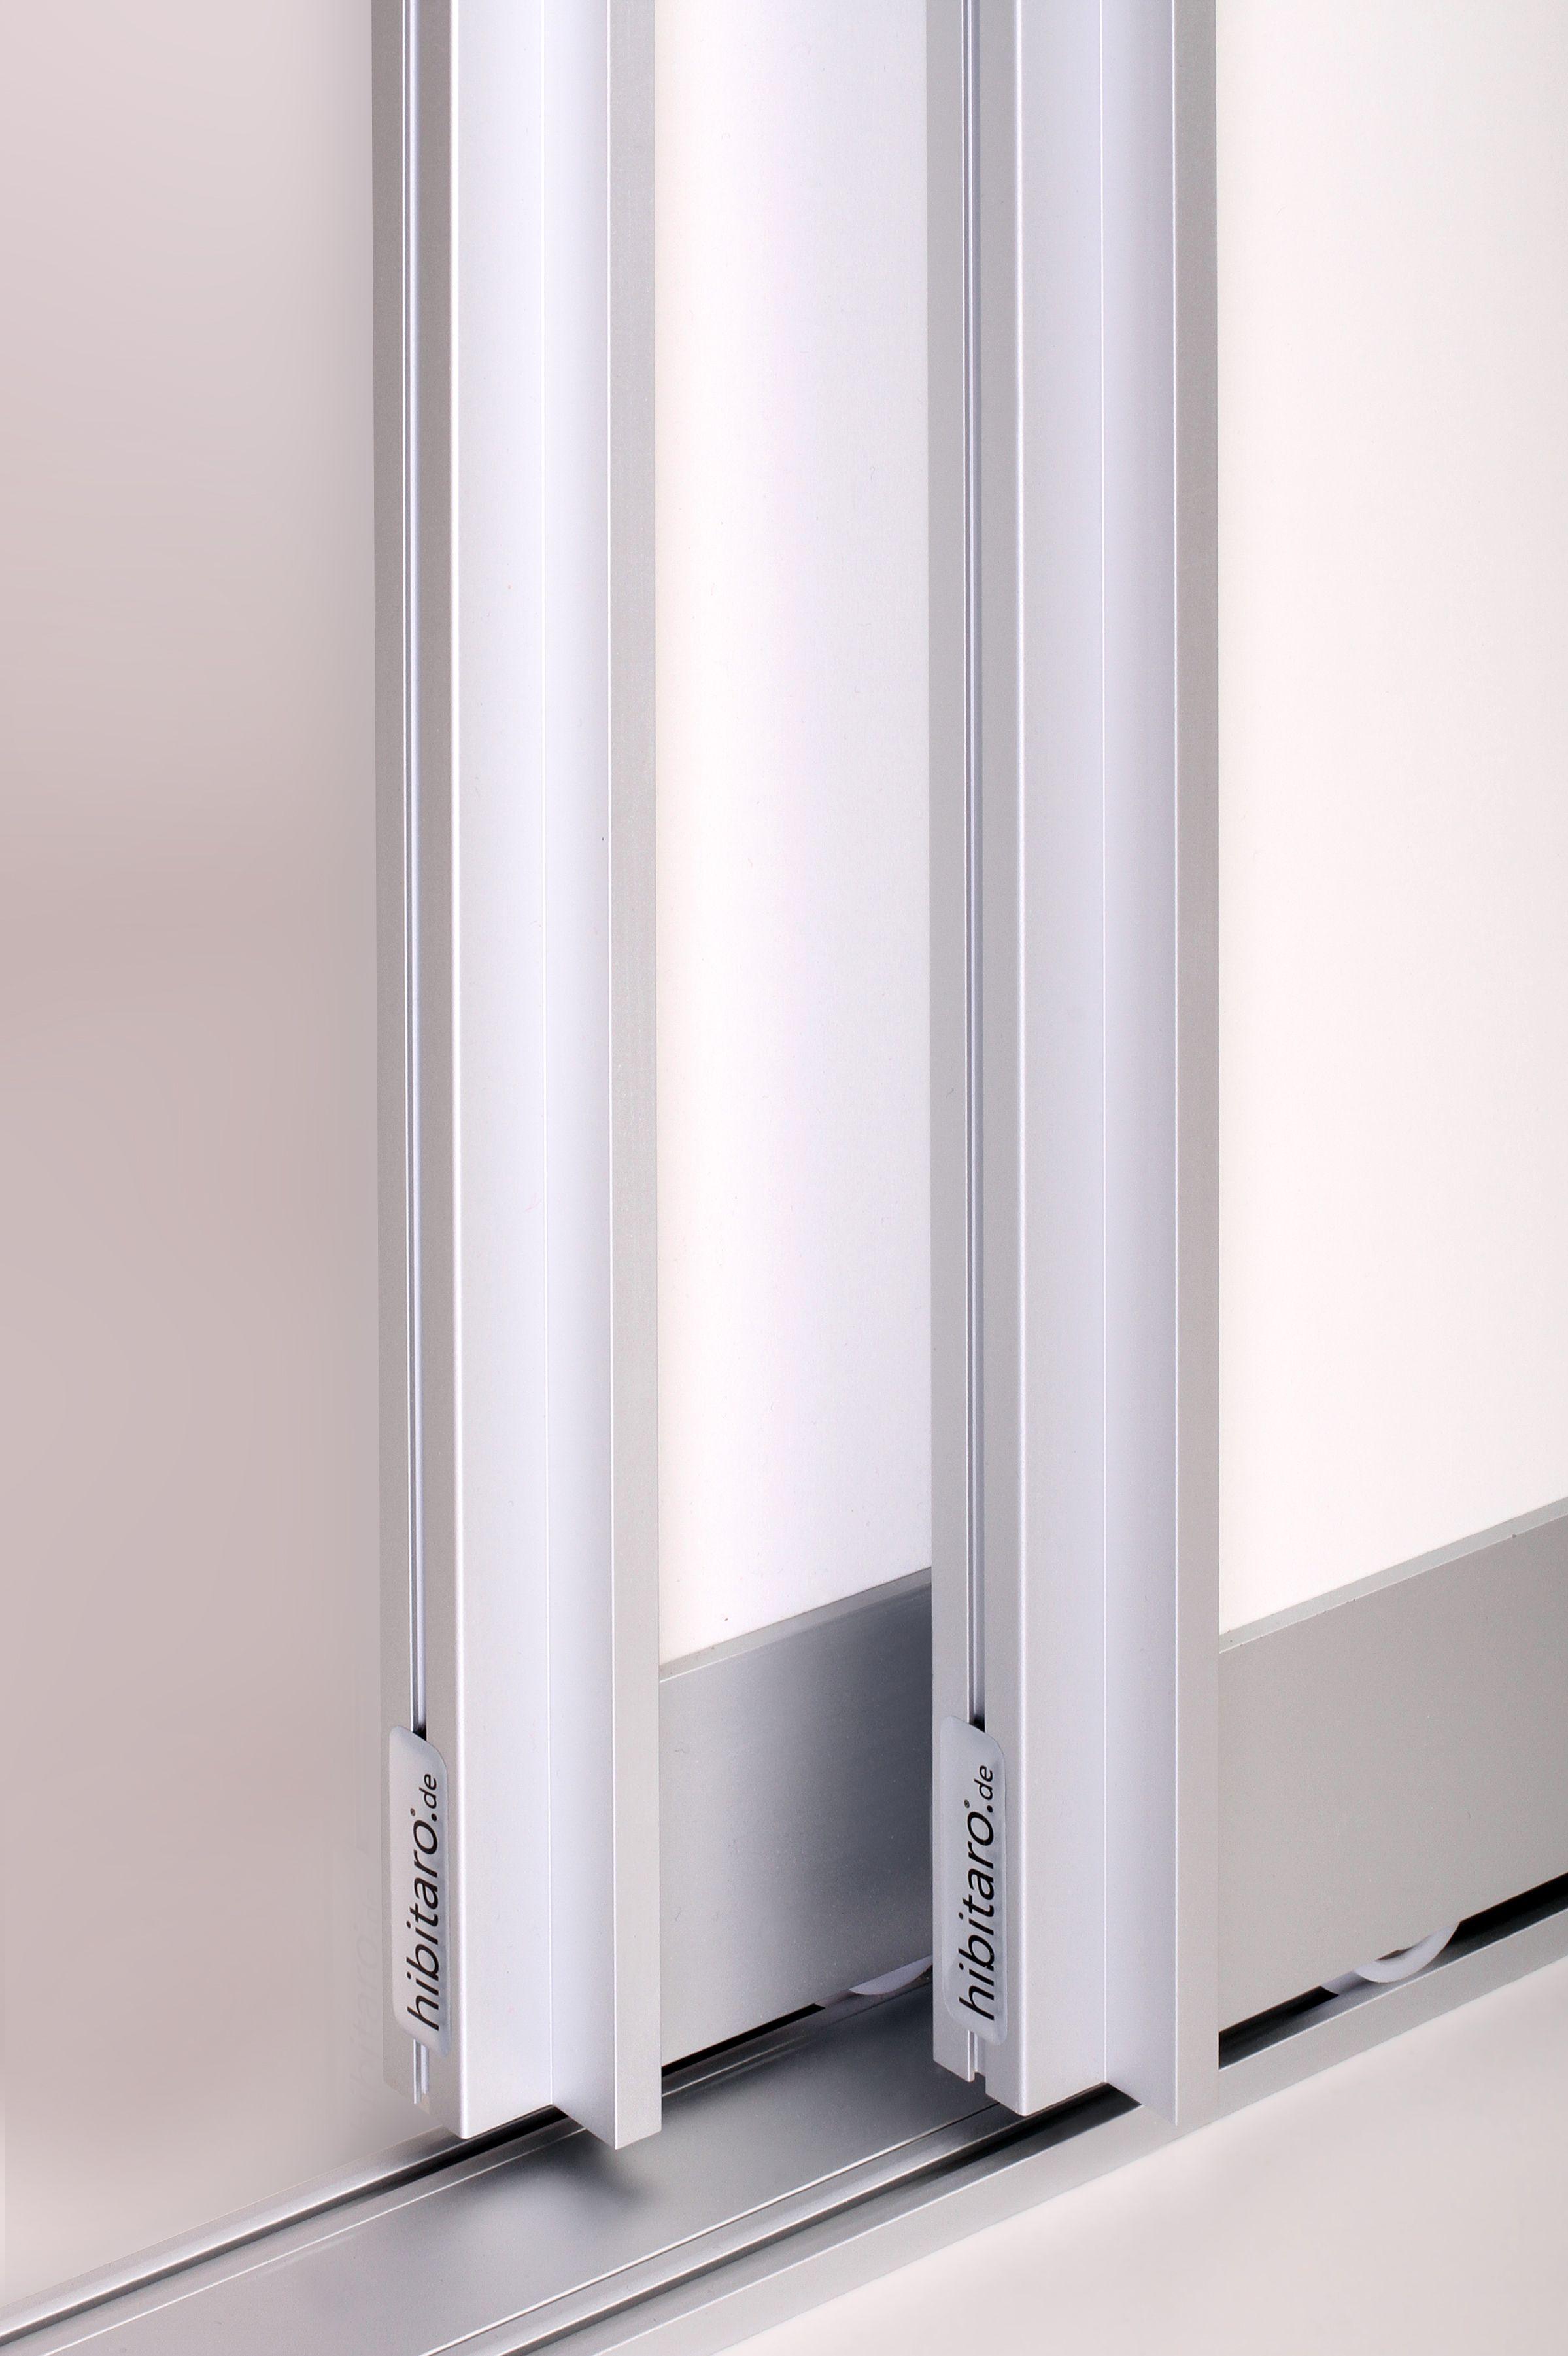 Gamma Floor 2 Flügel Komplett Bausatz Bis 2000 X 2600 Mm | Bodensysteme |  Bausätze